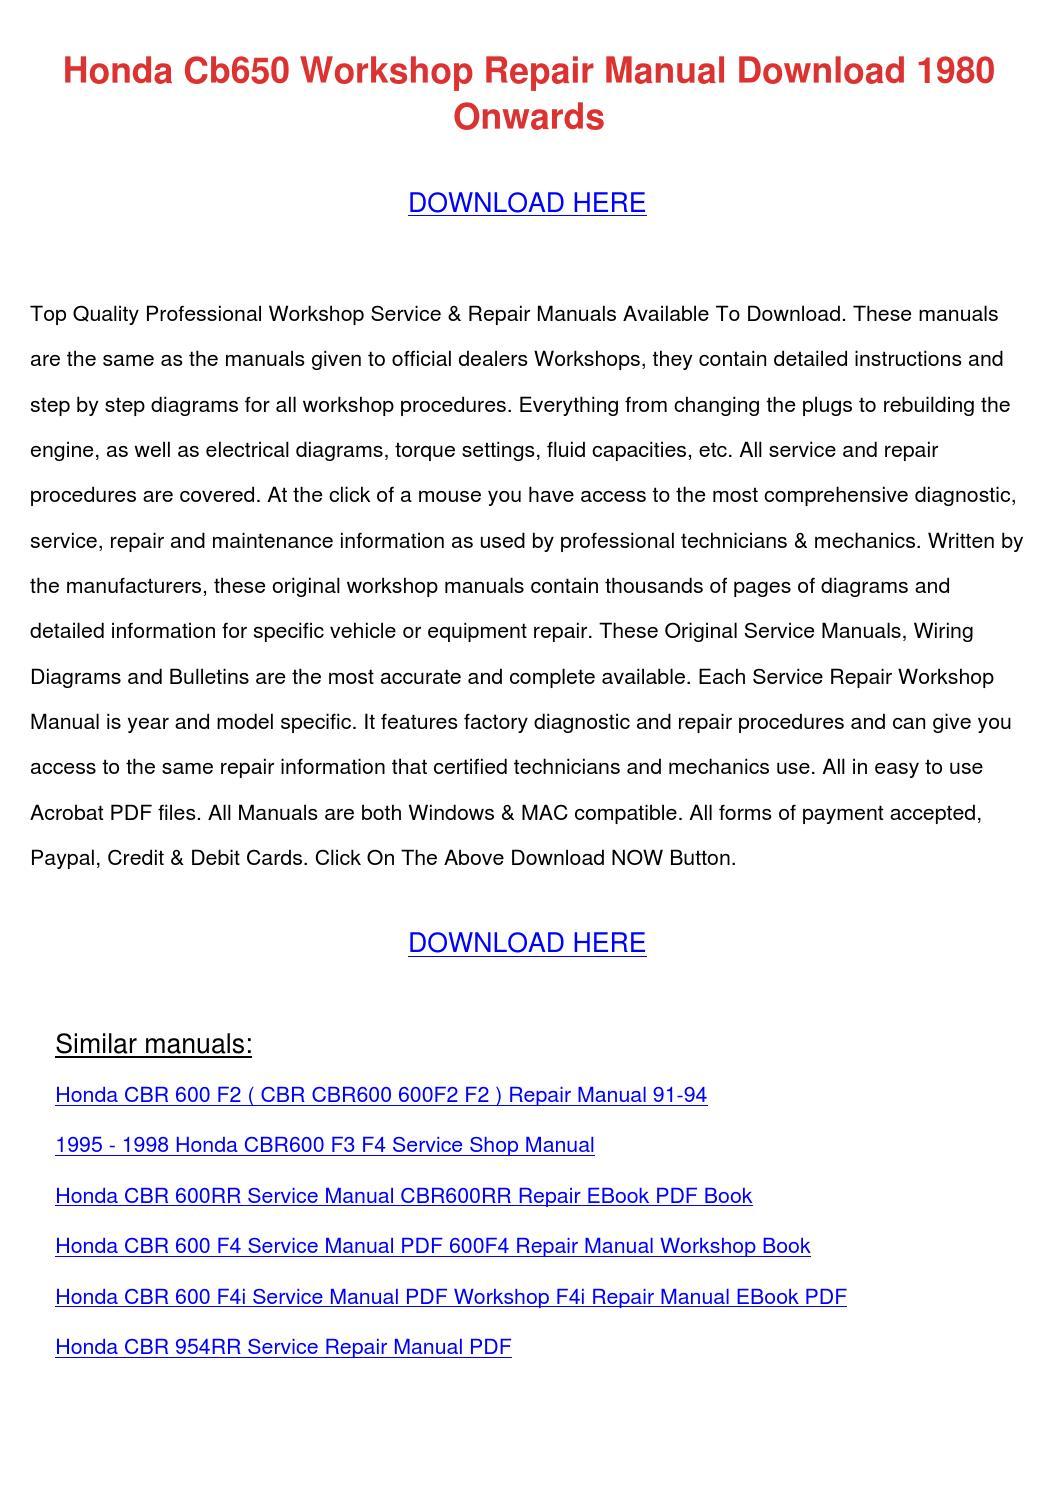 honda cb650 workshop repair manual download 1